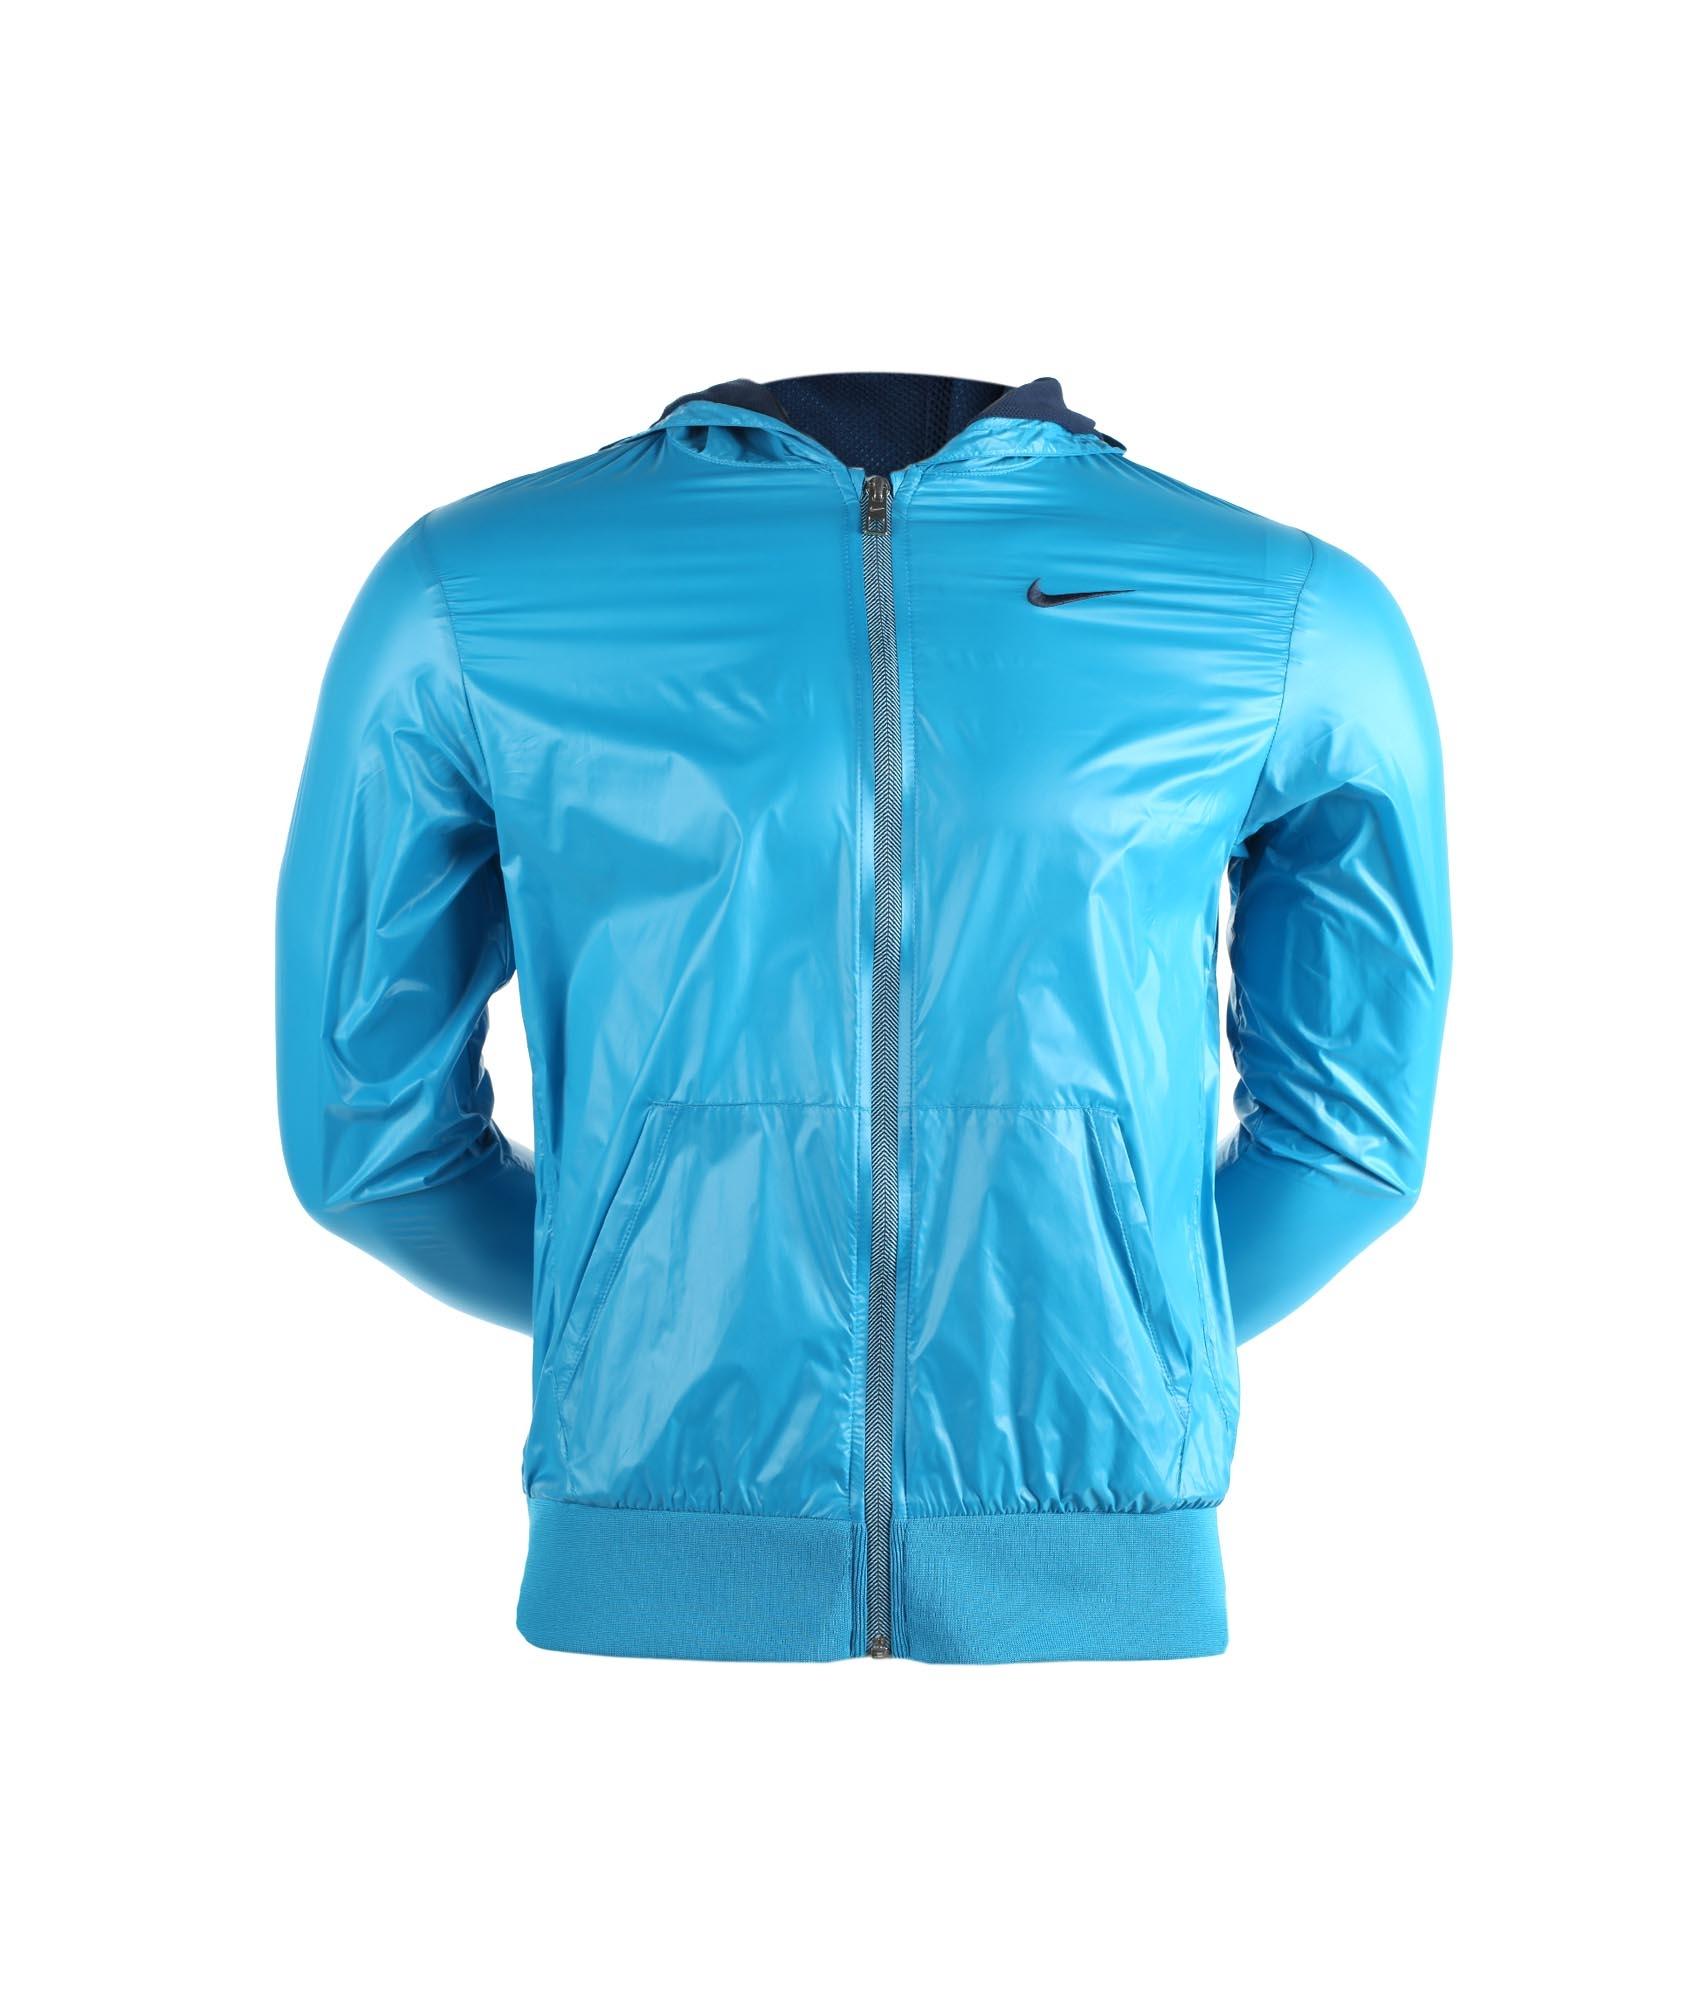 Куртка Nike YA76 ULTRA LGTWHT JKT-YTH, Цвет-Голубой, Размер-XS